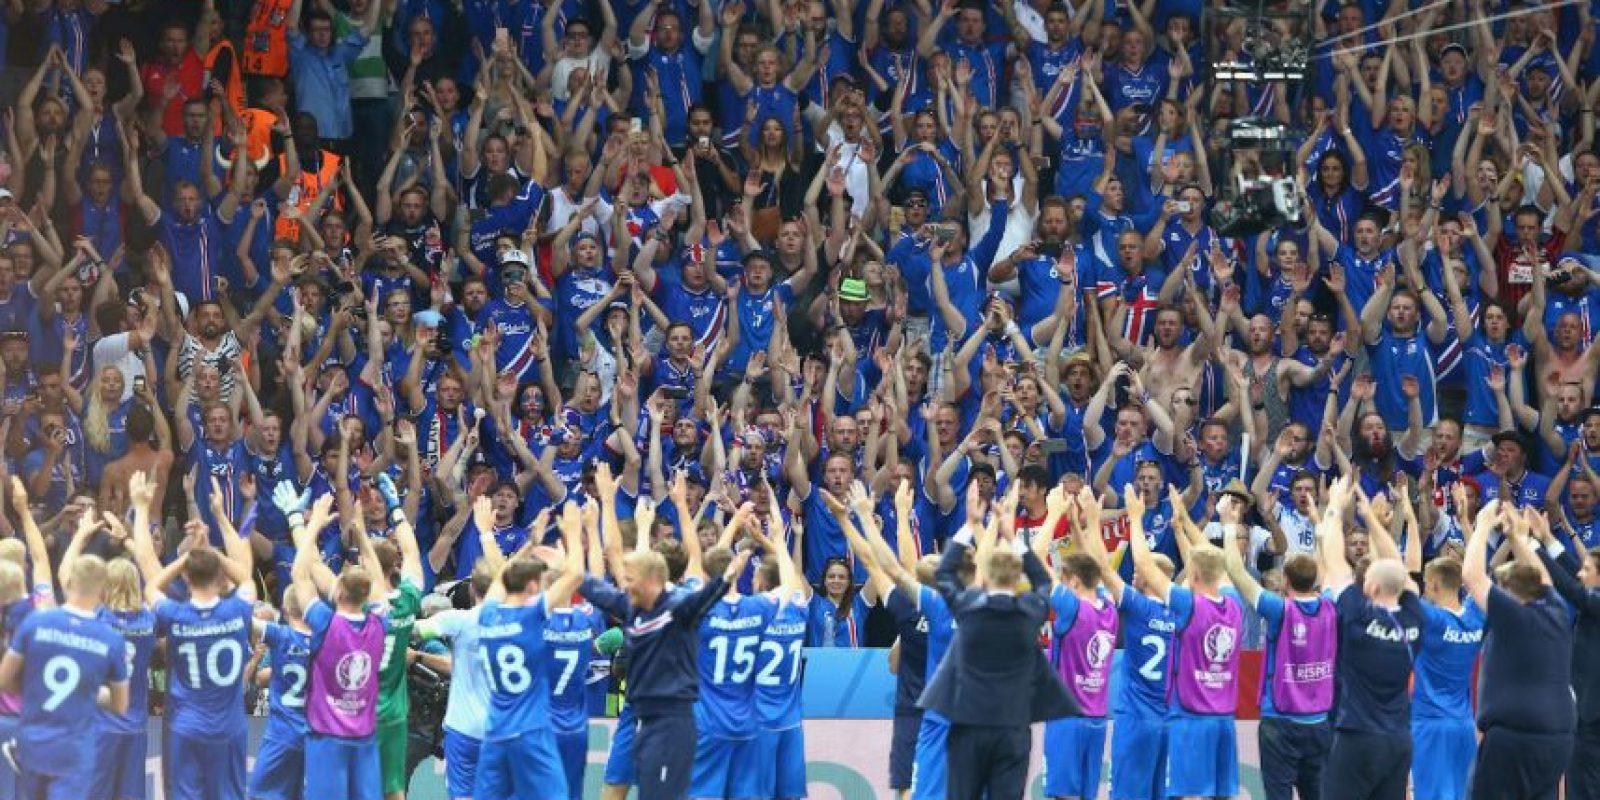 El 'Uh' de los hinchas islandeses se ha vuelto un hit de cánticos luego de sus buenos resultado Foto:Getty Images